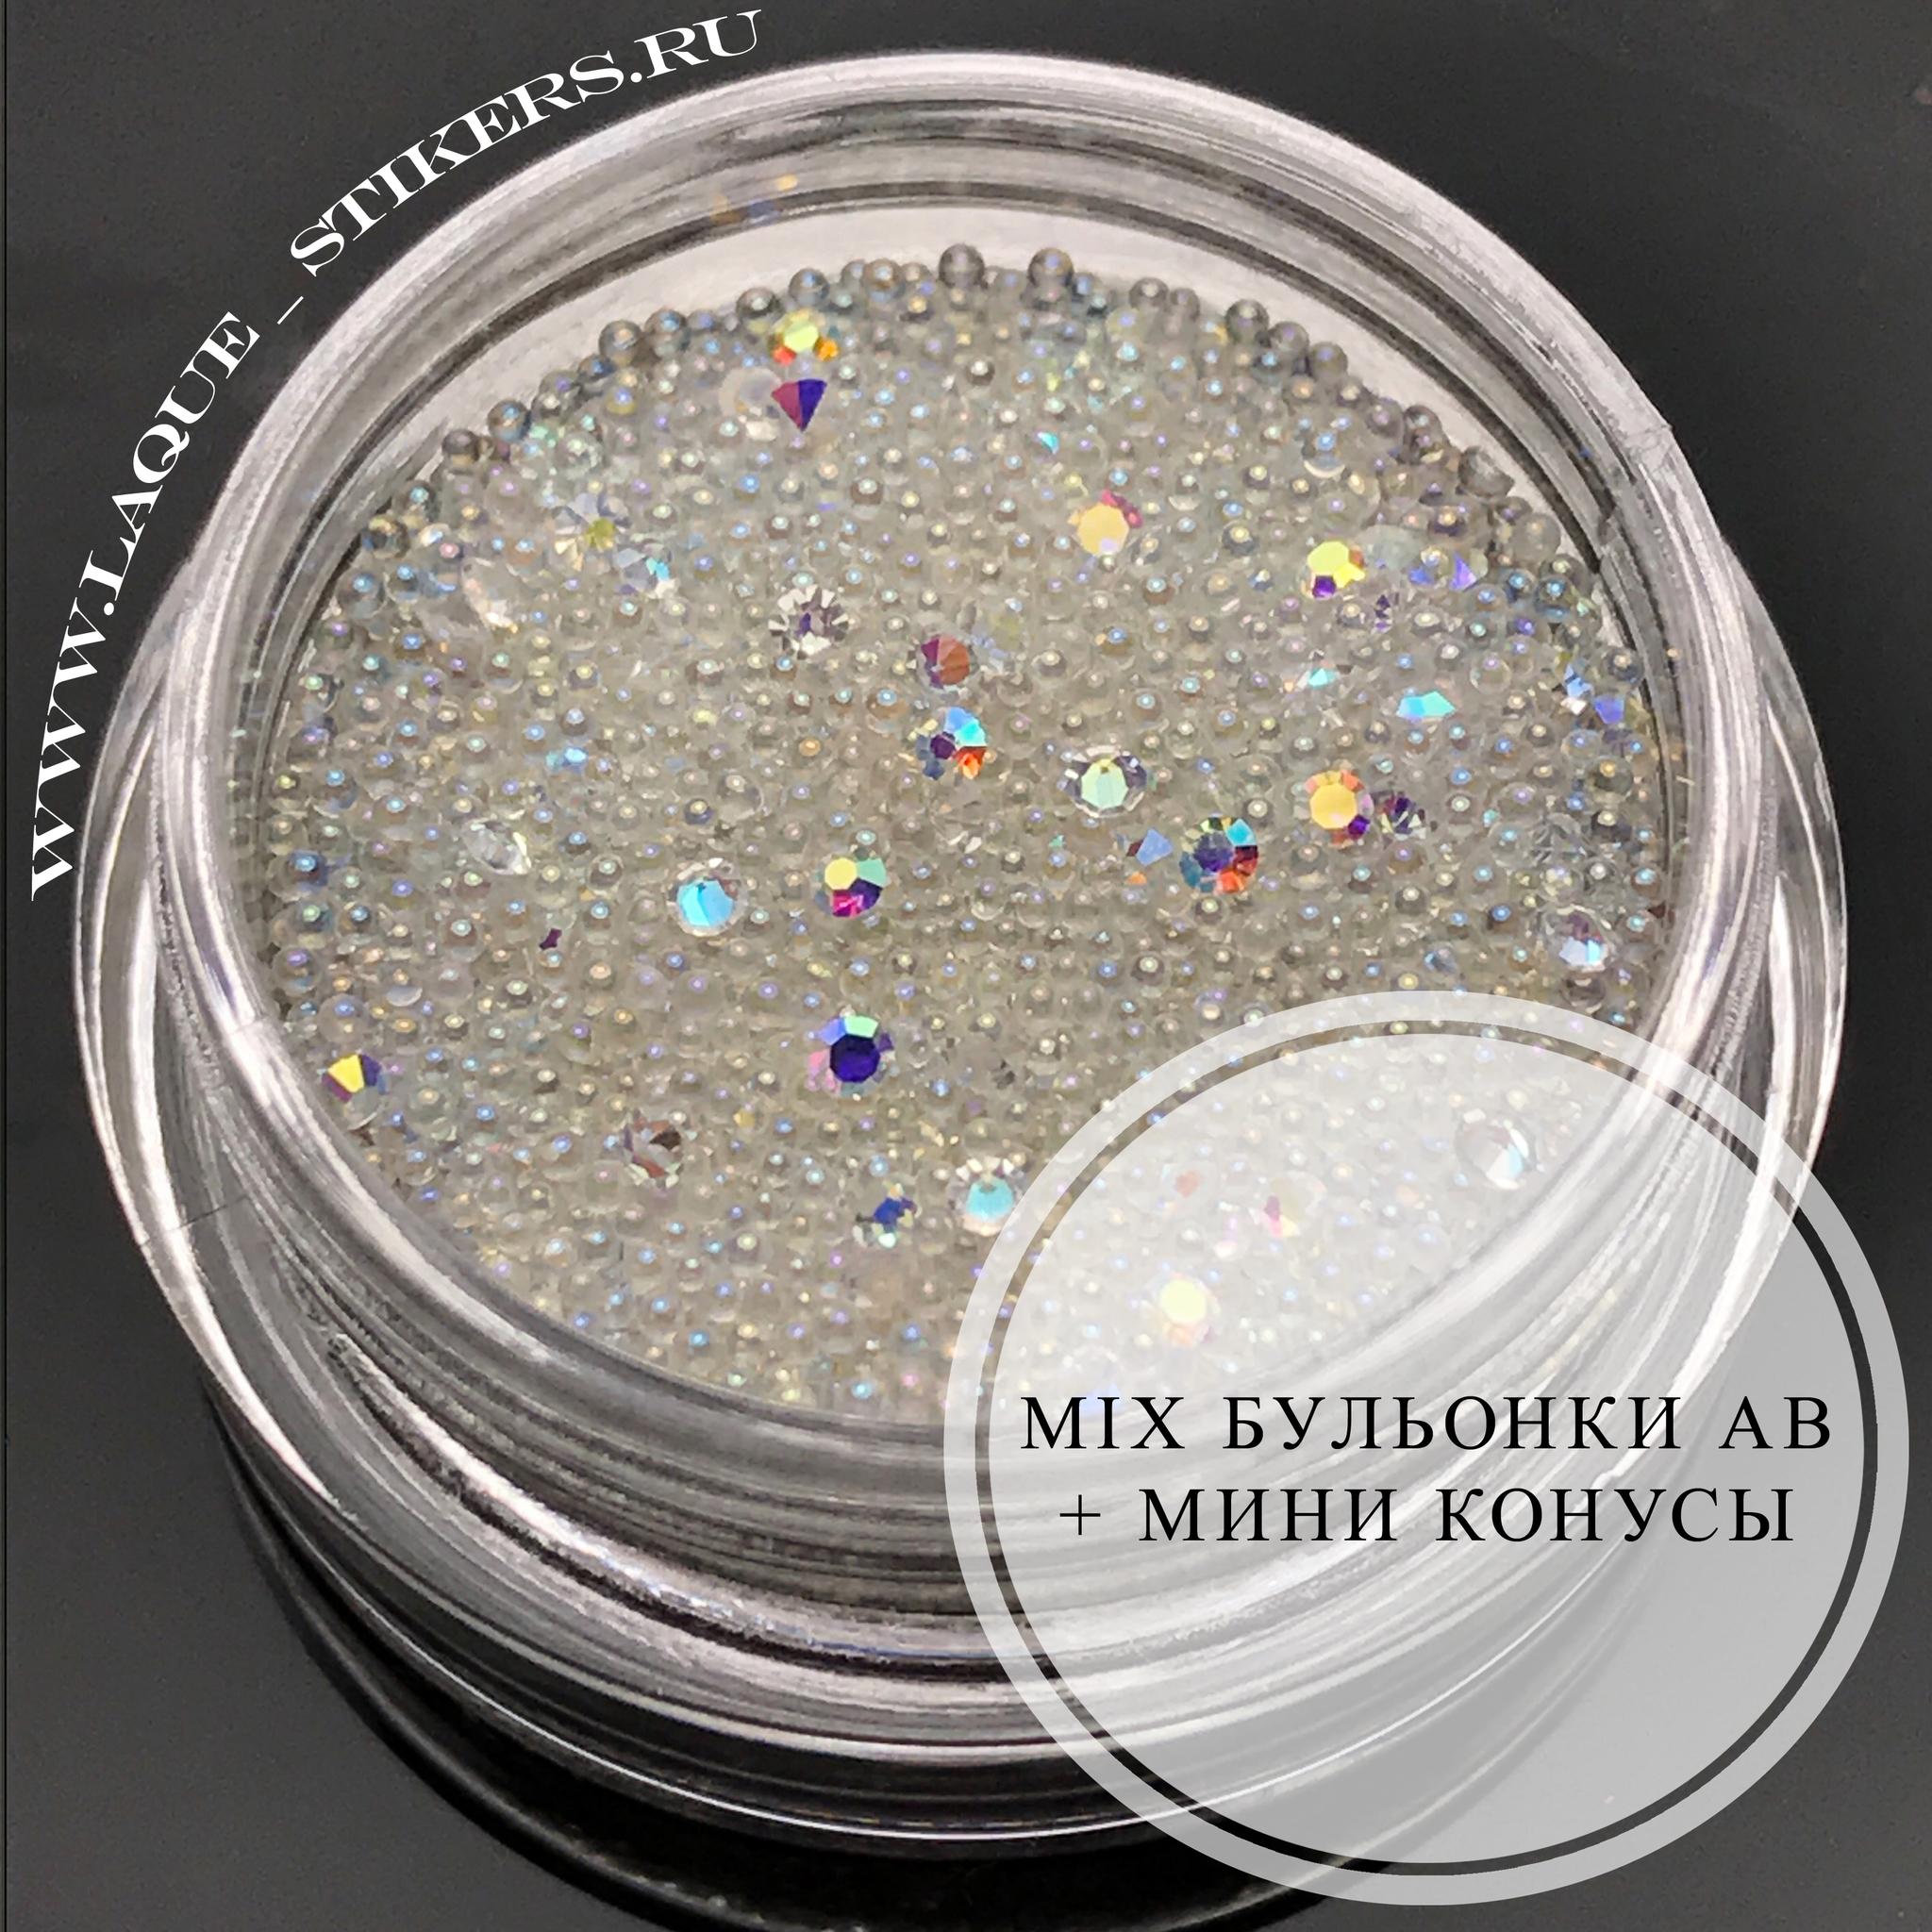 MIX хрустальные бульонки AB + хрустальная крошка AB (мини конусы)